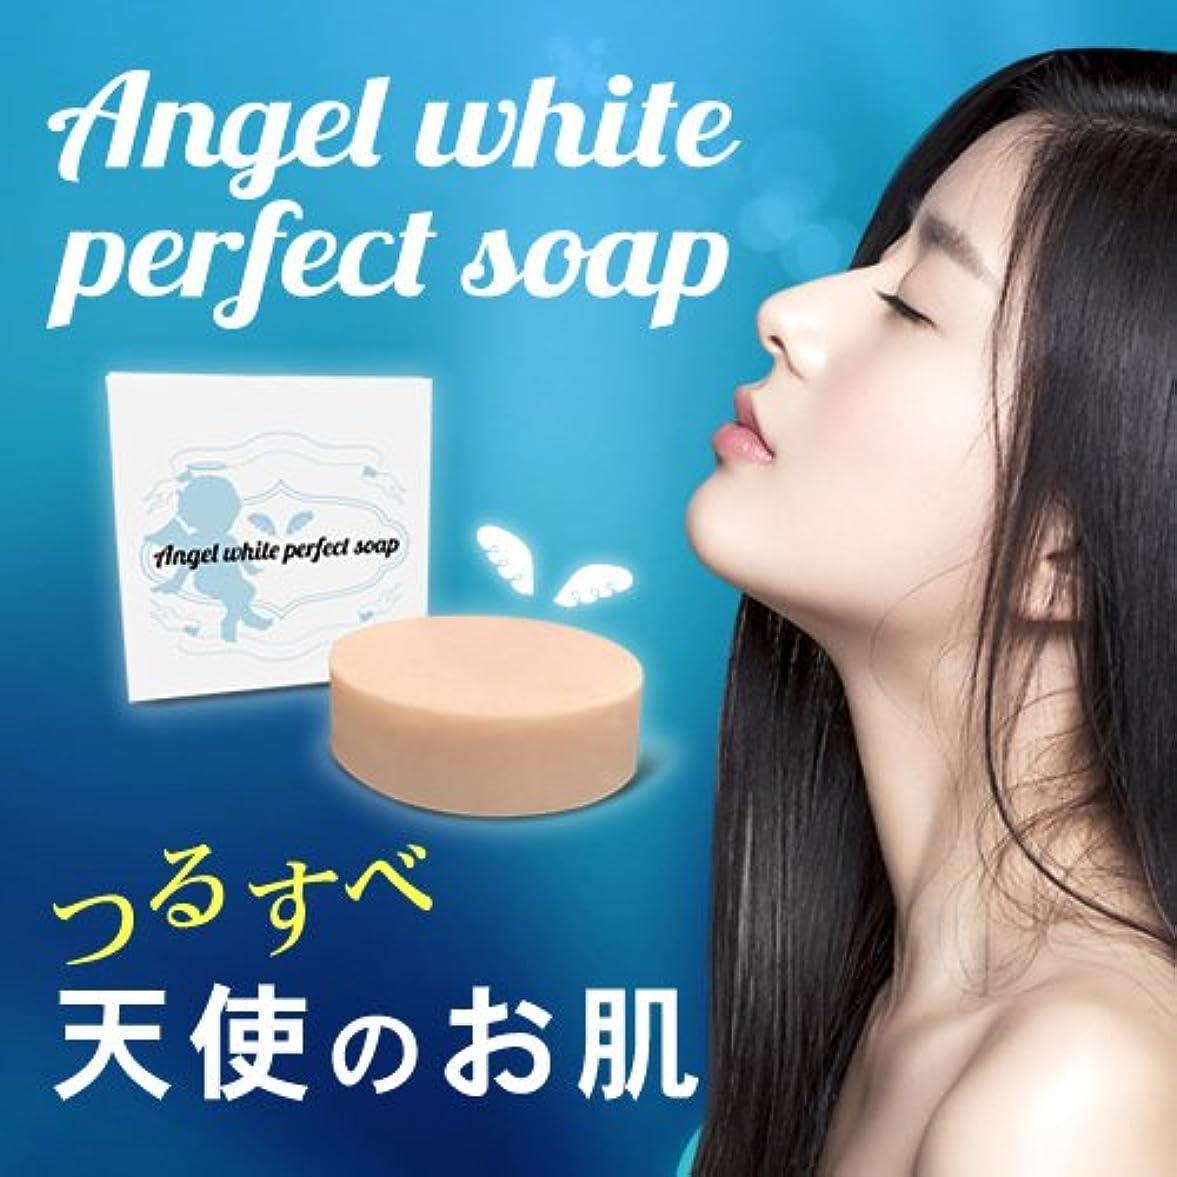 非武装化請求書熟達Angel White Perfect Soap(エンジェルホワイトパーフェクトソープ) 美白 美白石けん 美肌 洗顔石鹸